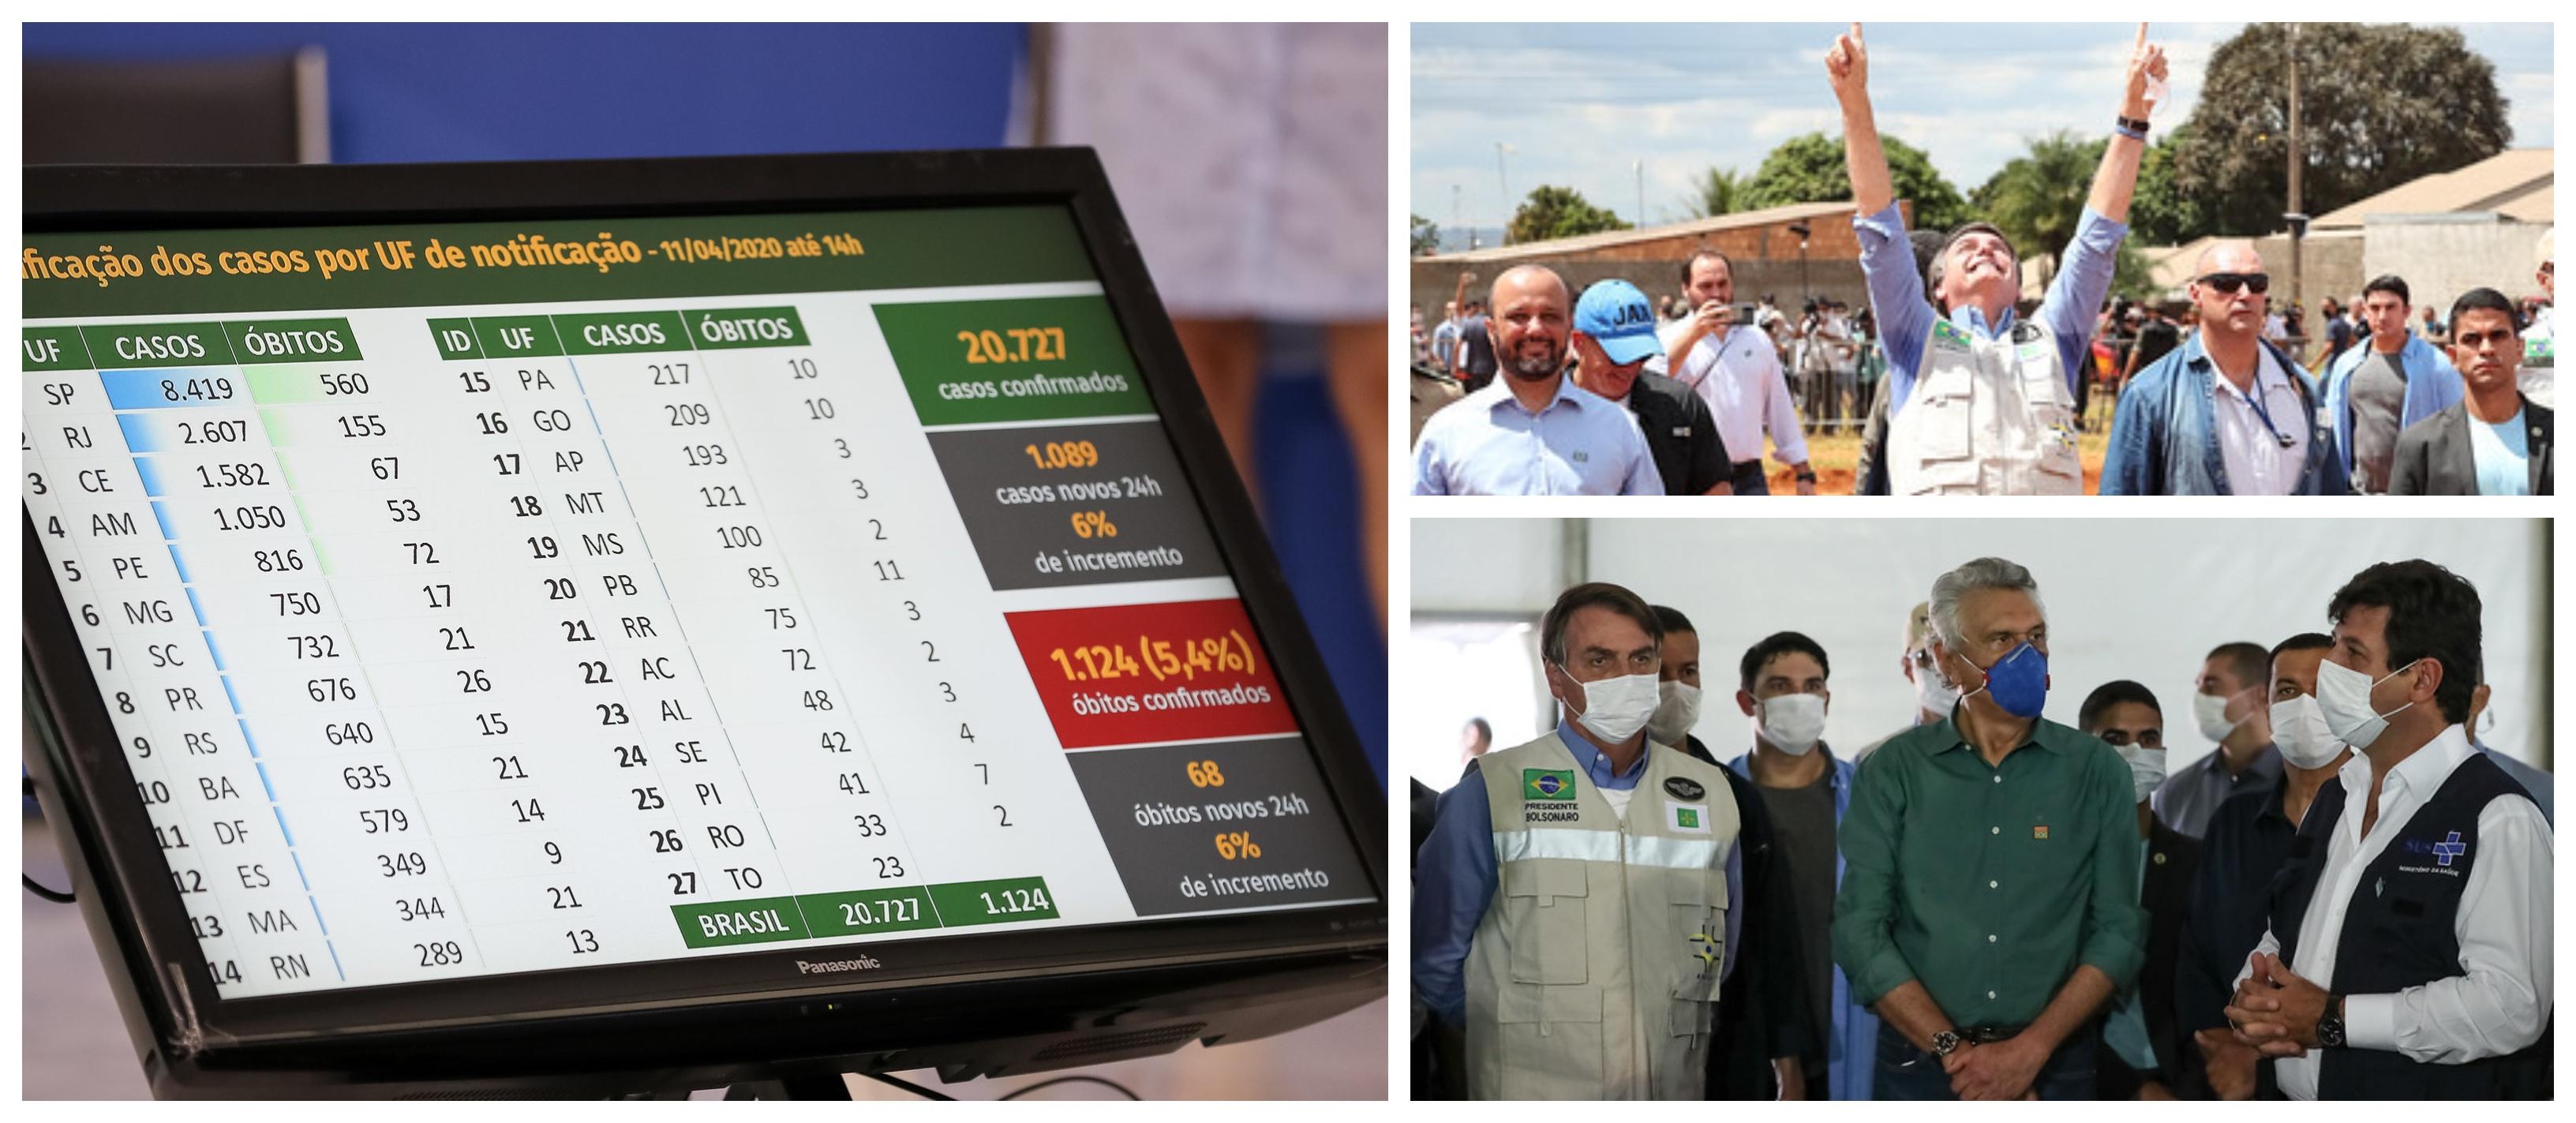 Dr. Rosinha: Ministro da Saúde e Bolsonaro não sabem o tamanho da epidemia nem das necessidades para enfrentá-la